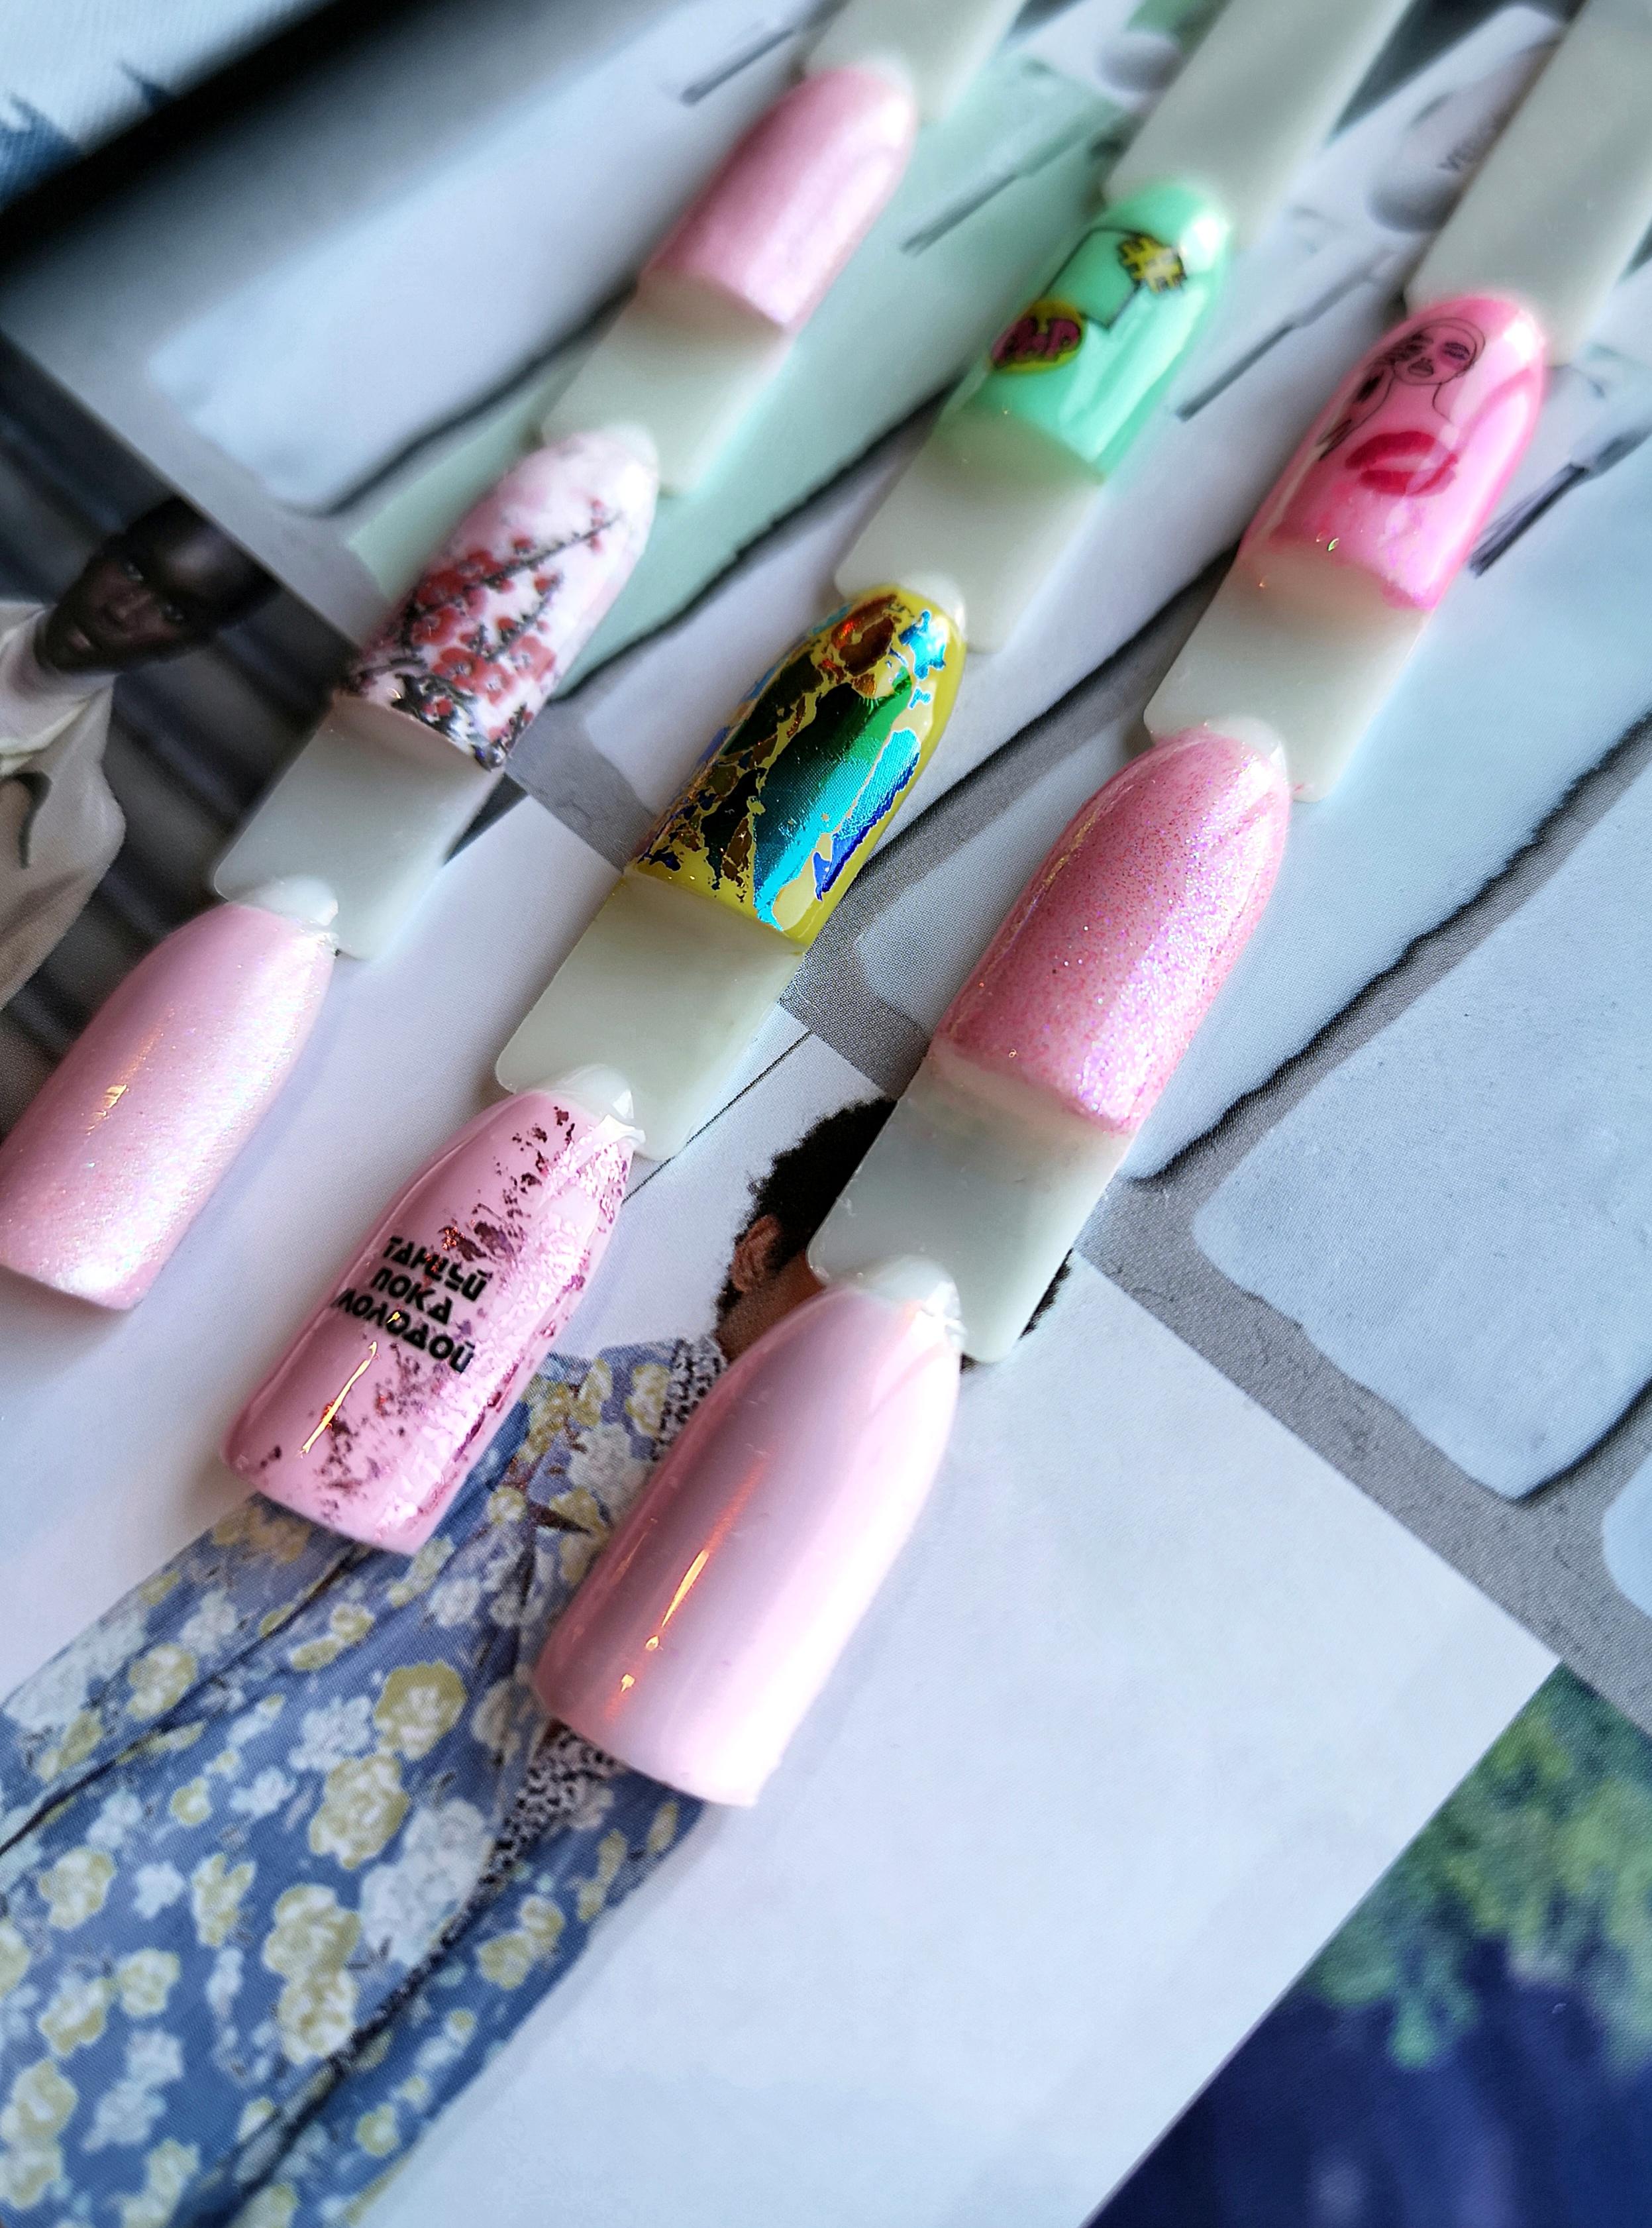 Маникюр с цветной фольгой и надписями в розовом цвете.